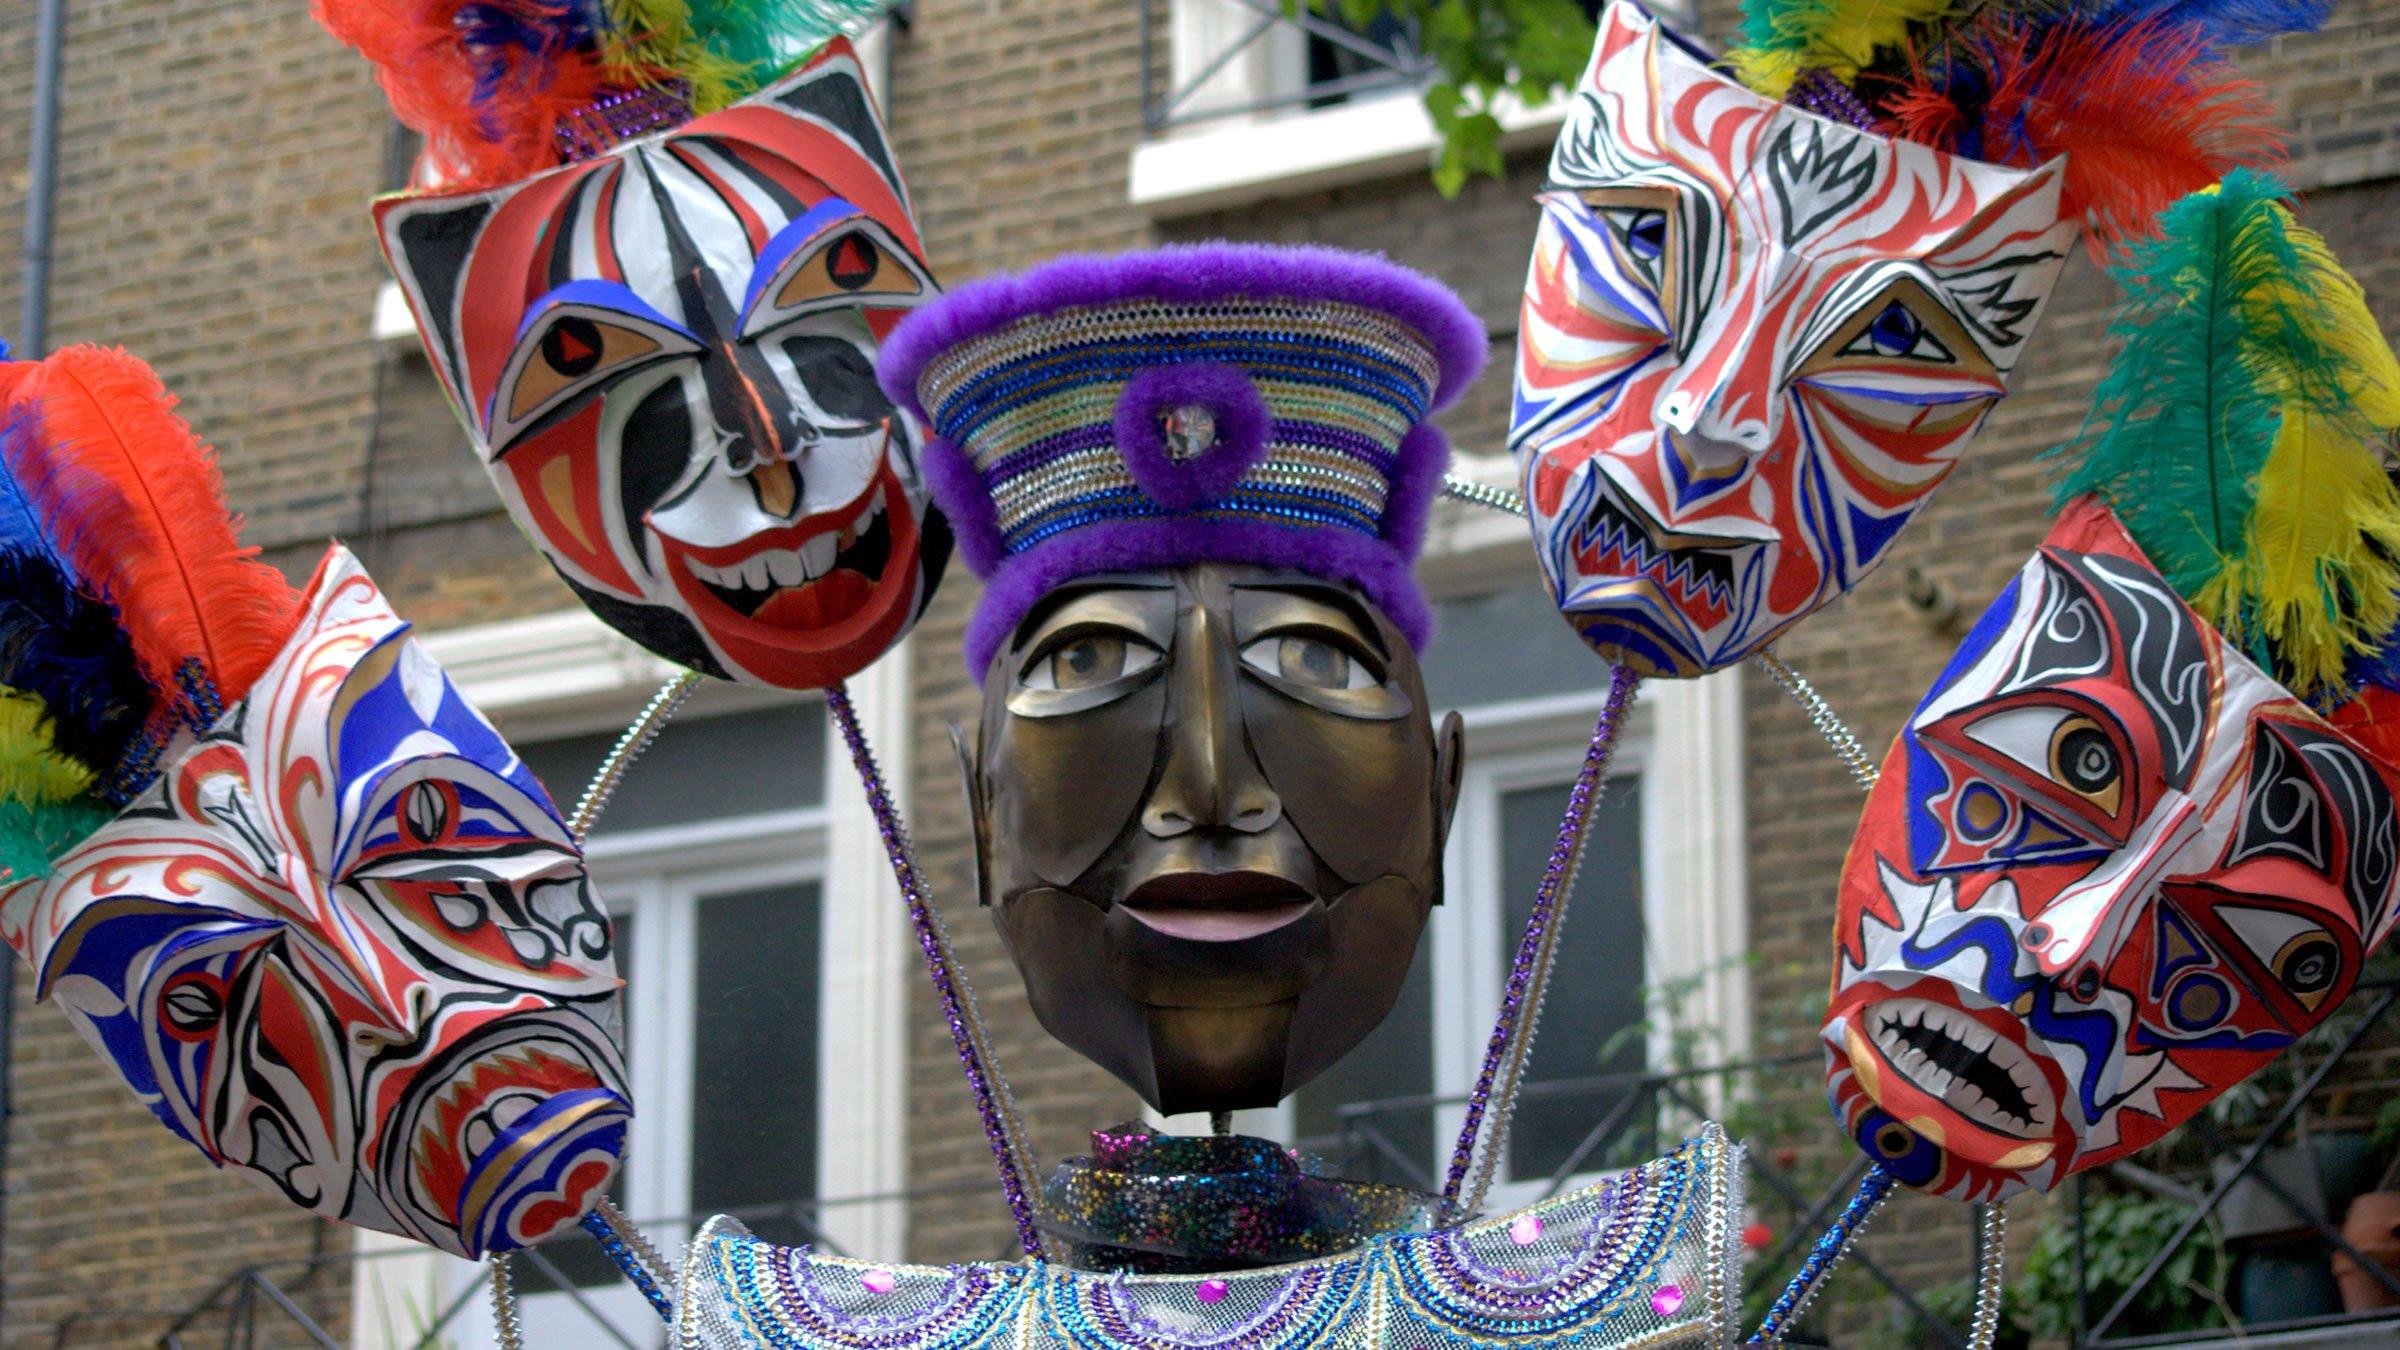 m u00e1scaras en el carnaval de notting hill